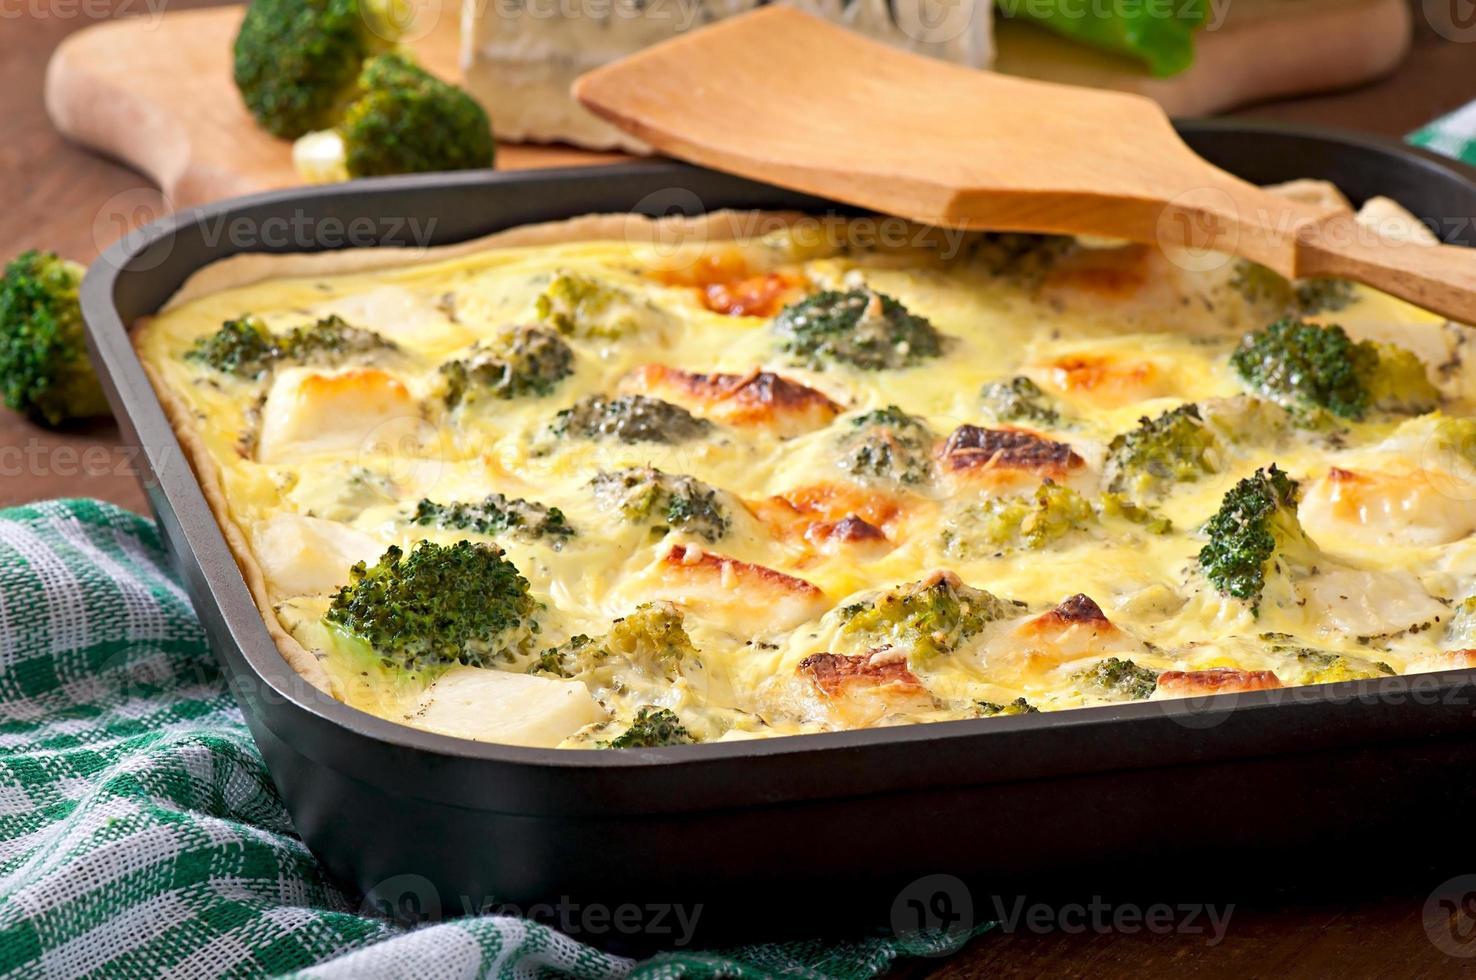 quiche com brócolis e queijo feta foto